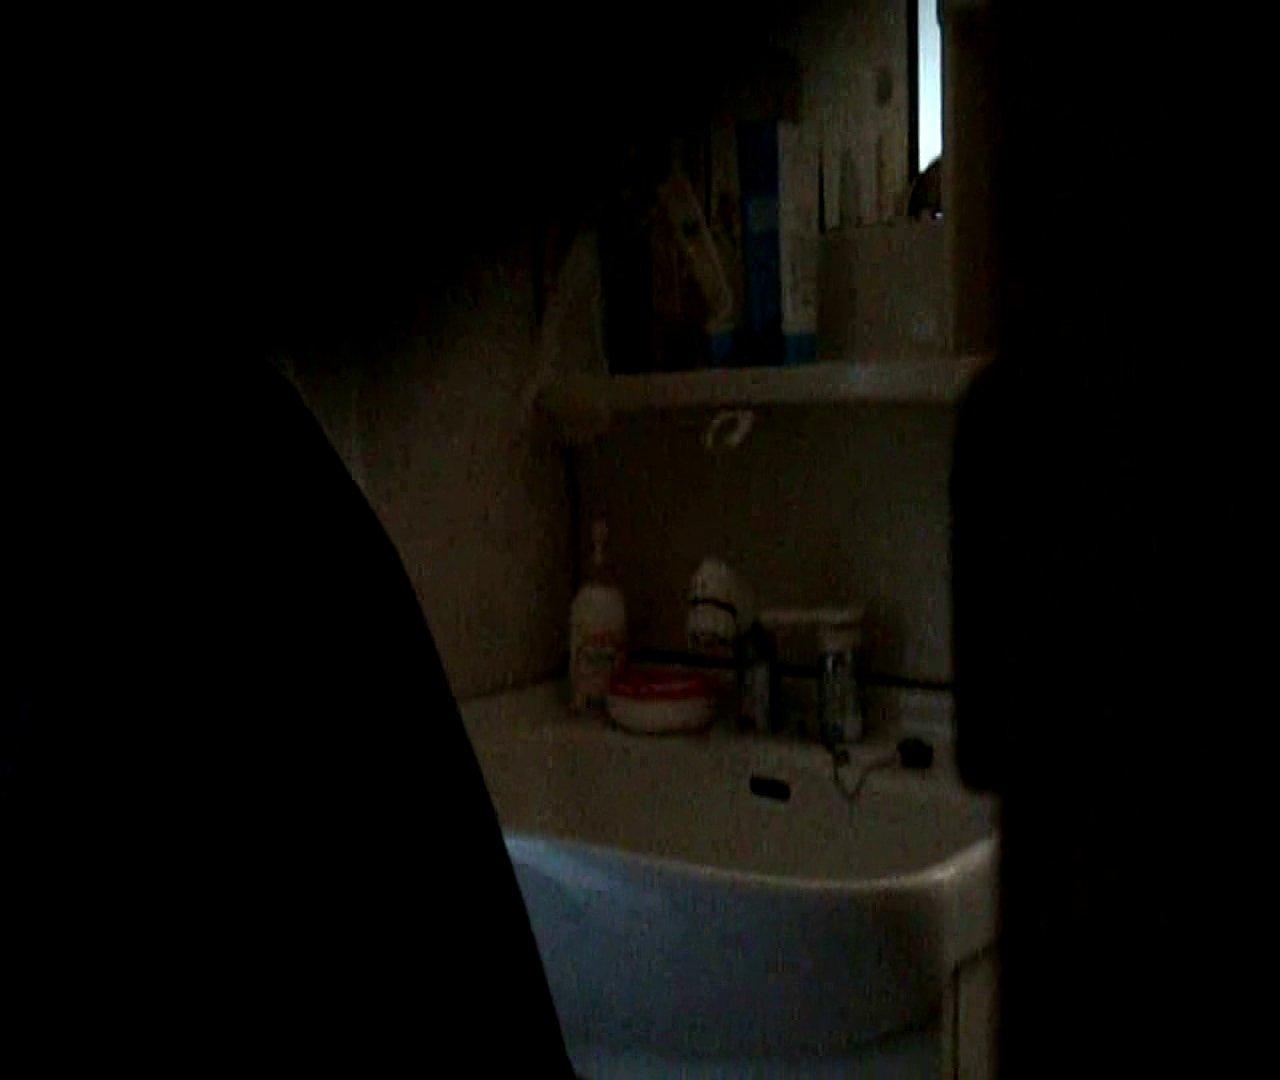 二人とも育てた甲斐がありました… vol.05 まどかが洗顔後にブラを洗濯 美しいOLの裸体  102pic 28